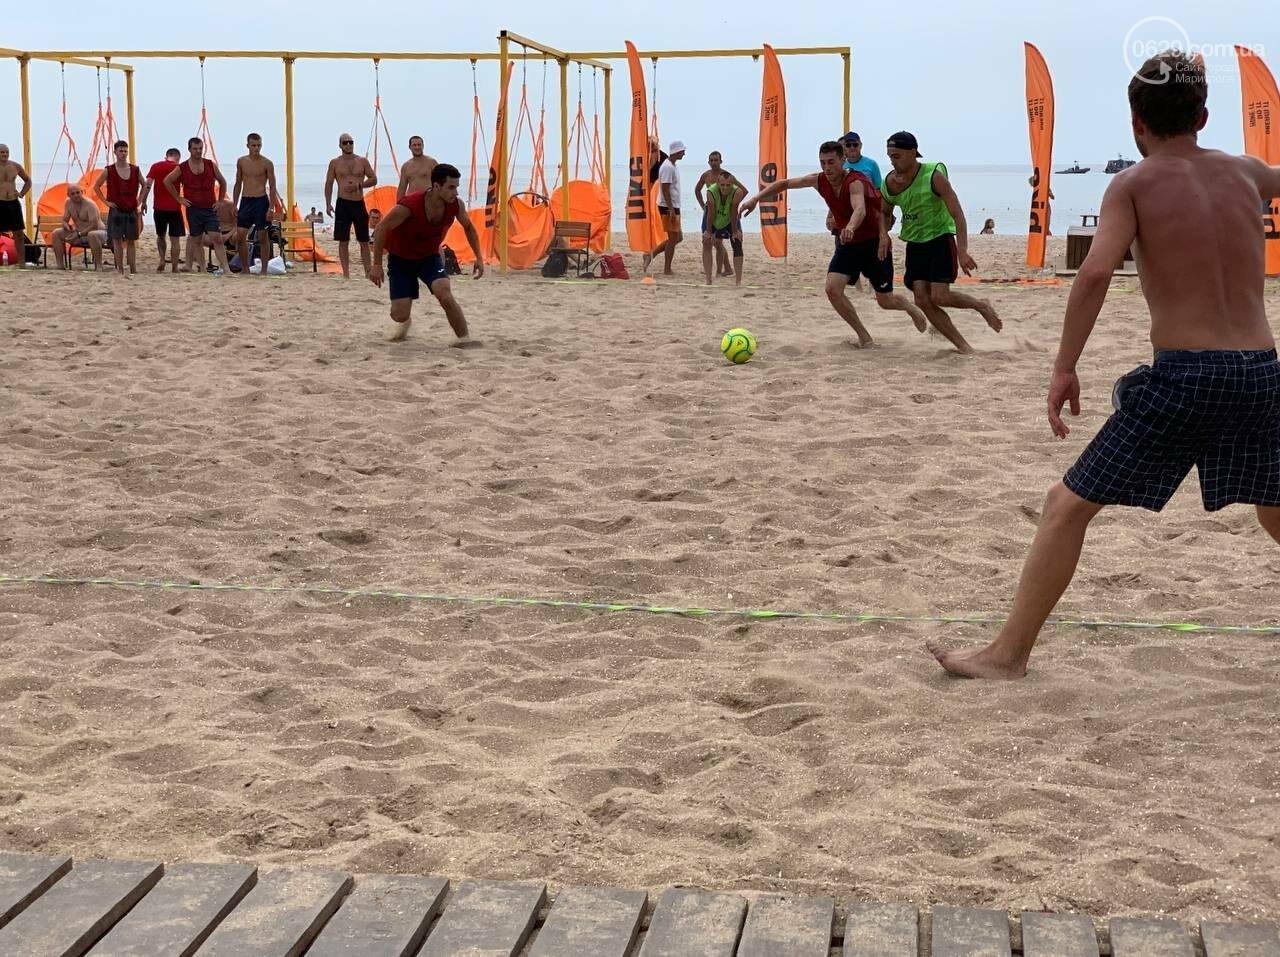 Спорт на MRPL City Festival. Як журналістка 0629 грала у бадмінтон, - ФОТО, фото-9